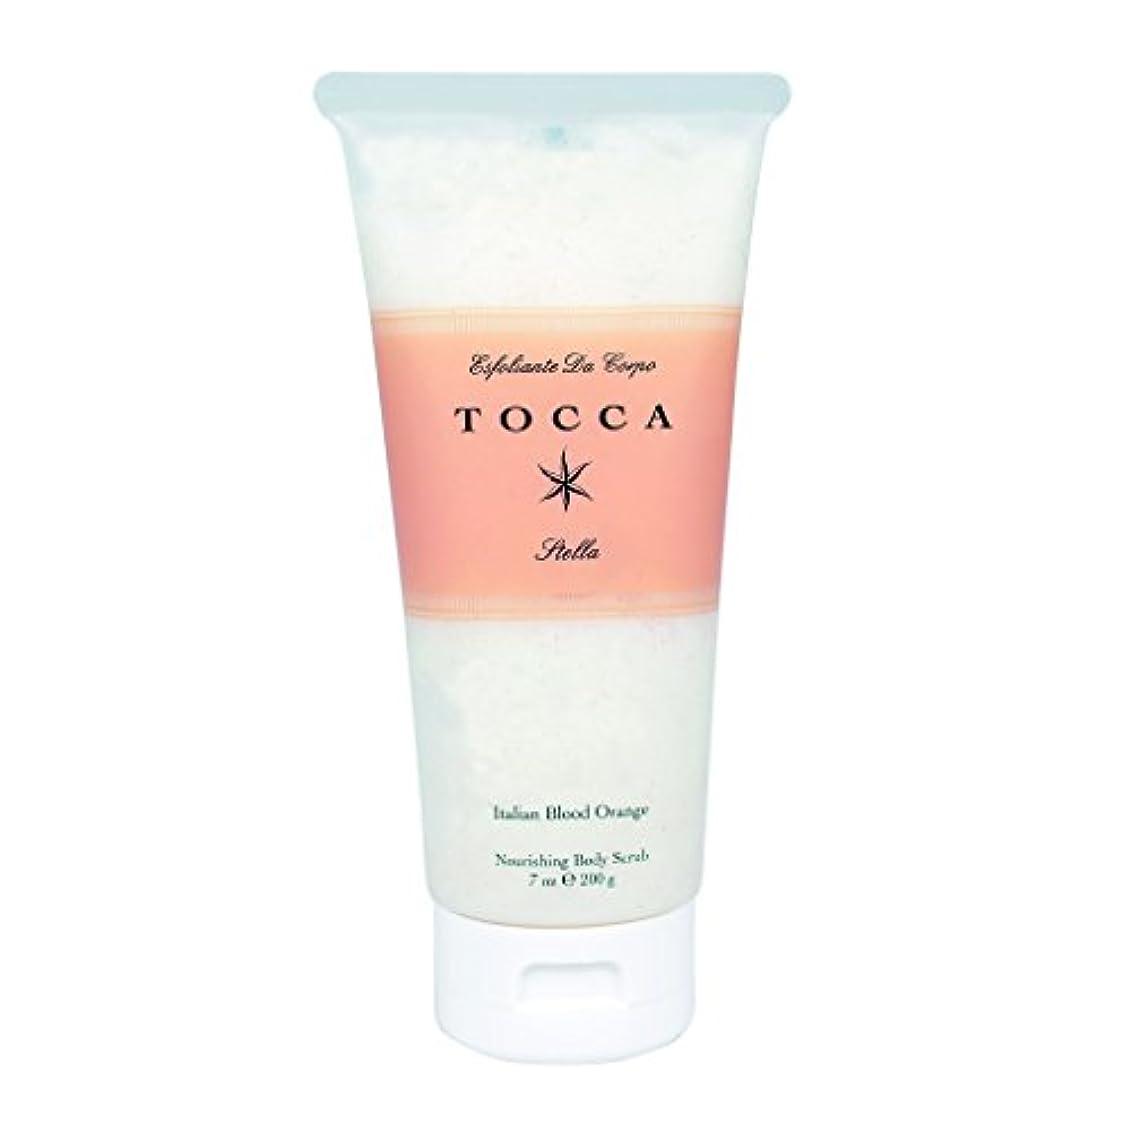 増加する着実に同様のトッカ(TOCCA) ボディーケアスクラブ ステラの香り 200ml(全身?ボディー用マッサージ料 イタリアンブラッドオレンジが奏でるフレッシュでビターな爽やかさ漂う香り)